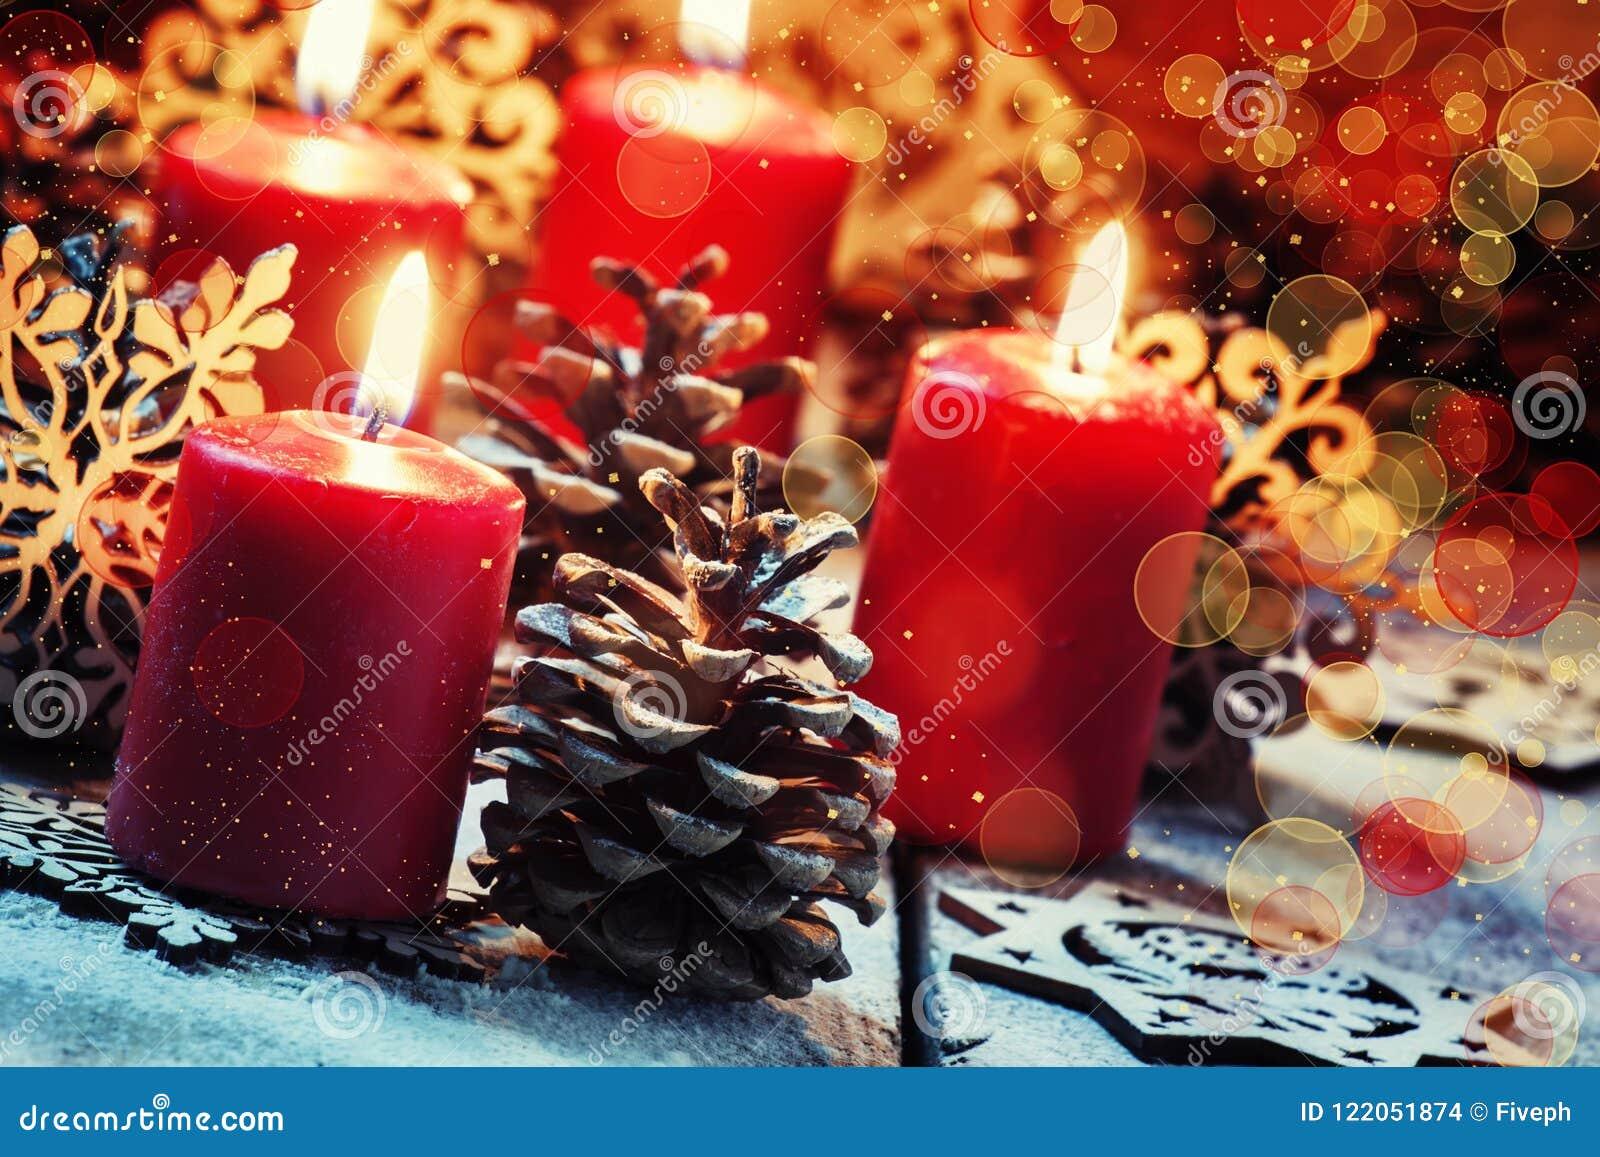 Rote brennende Kerze mit Kiefer shikami und Schneeflocken, Weihnachten a